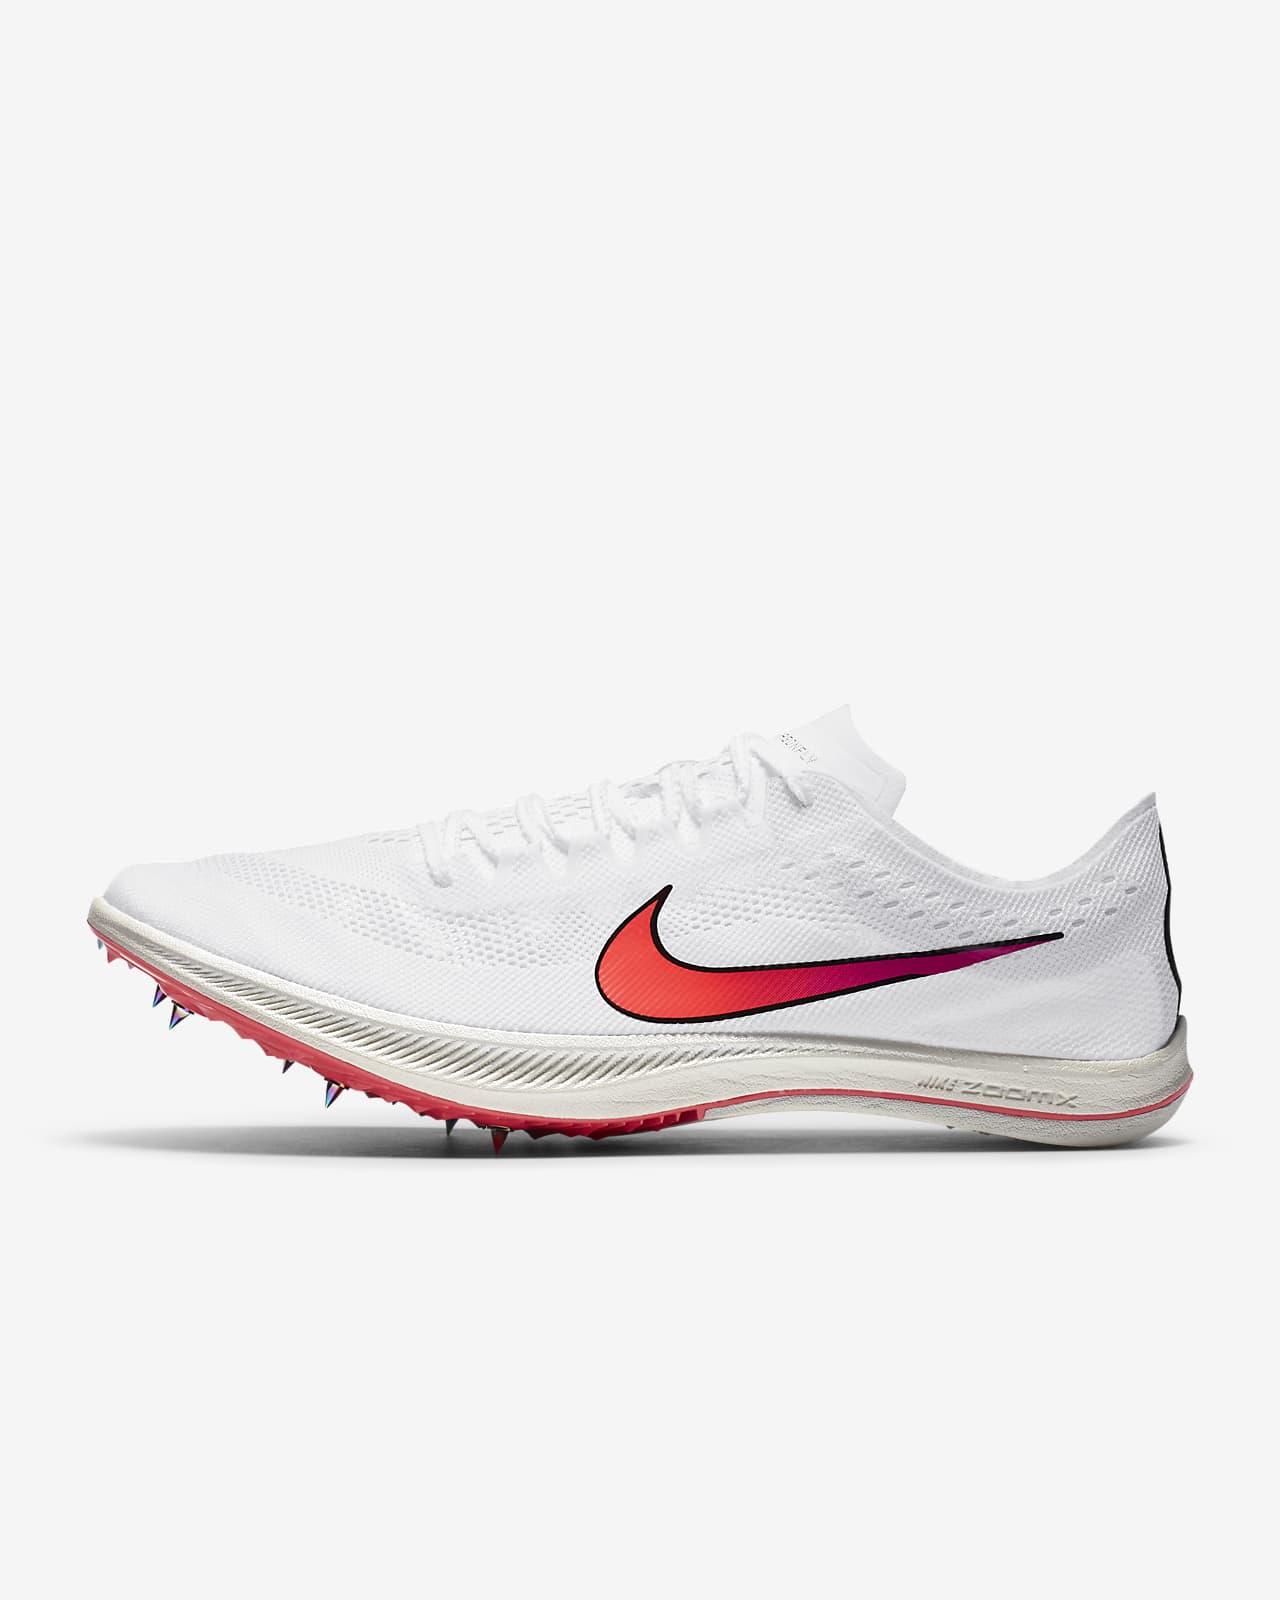 Kan jeg returnere Nike By You sneakers? | Nike hjelp